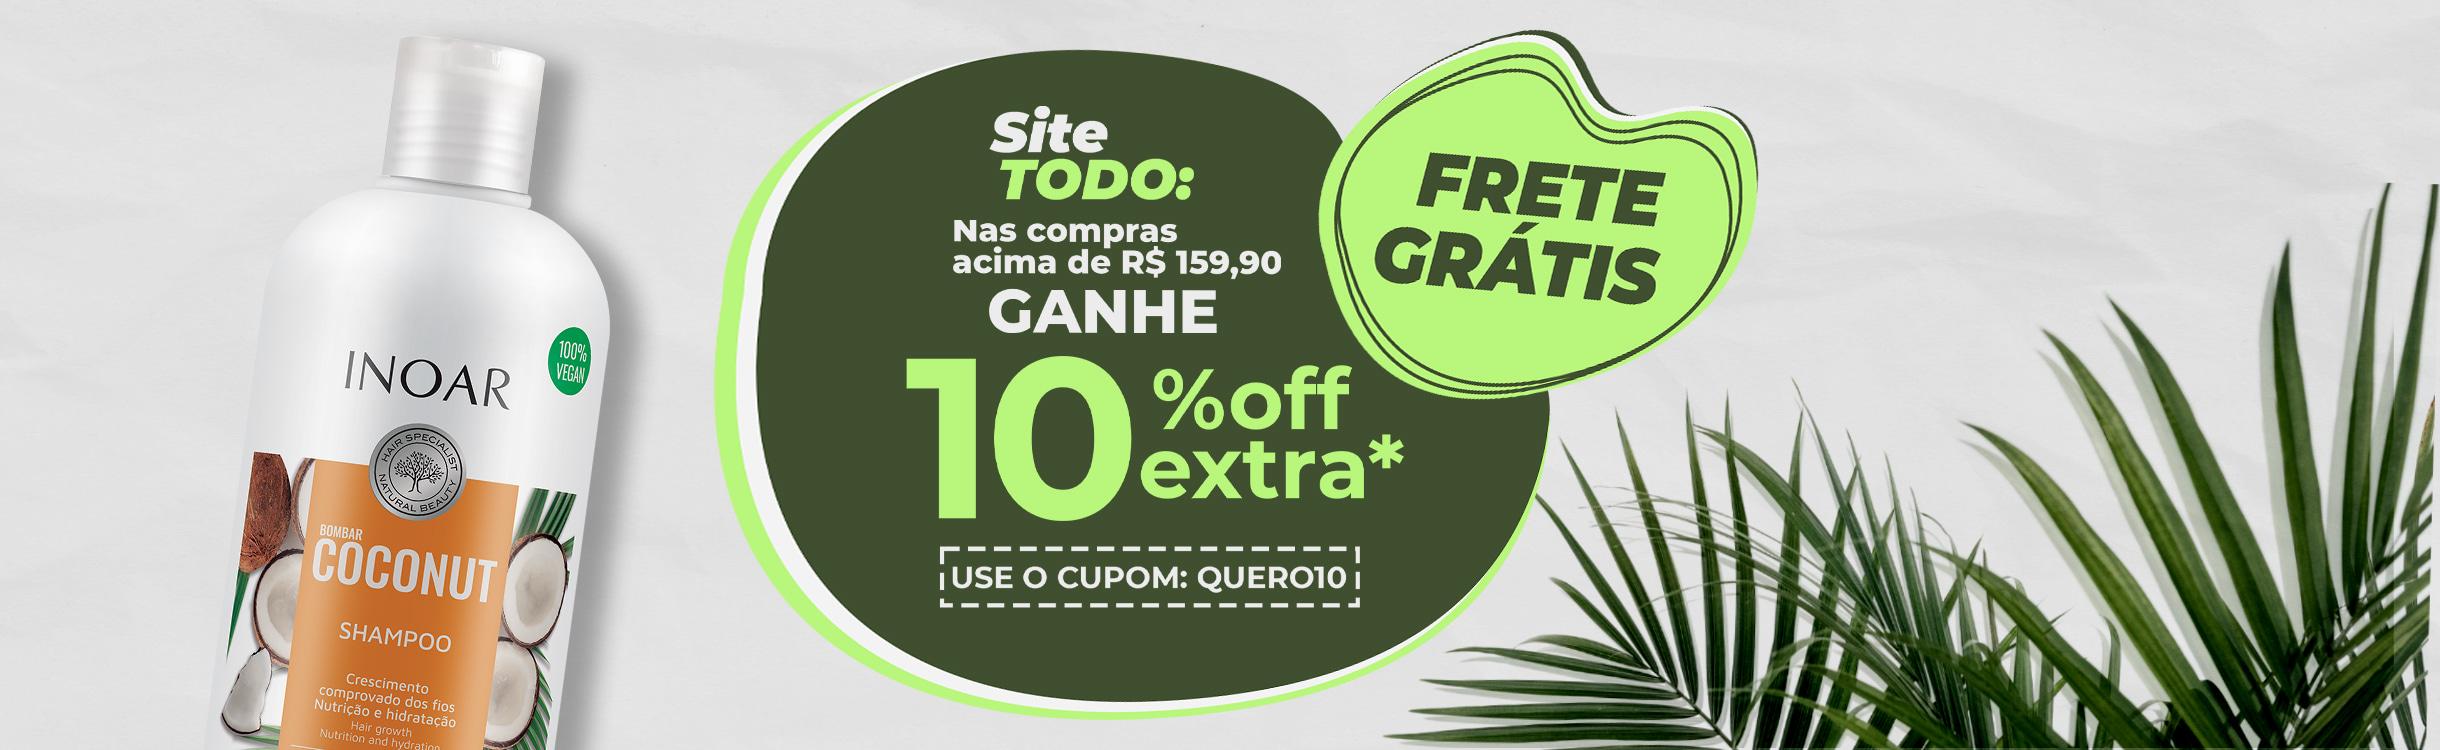 Nas compras acima de R$ 159,90 ganhe 10% OFF Extra